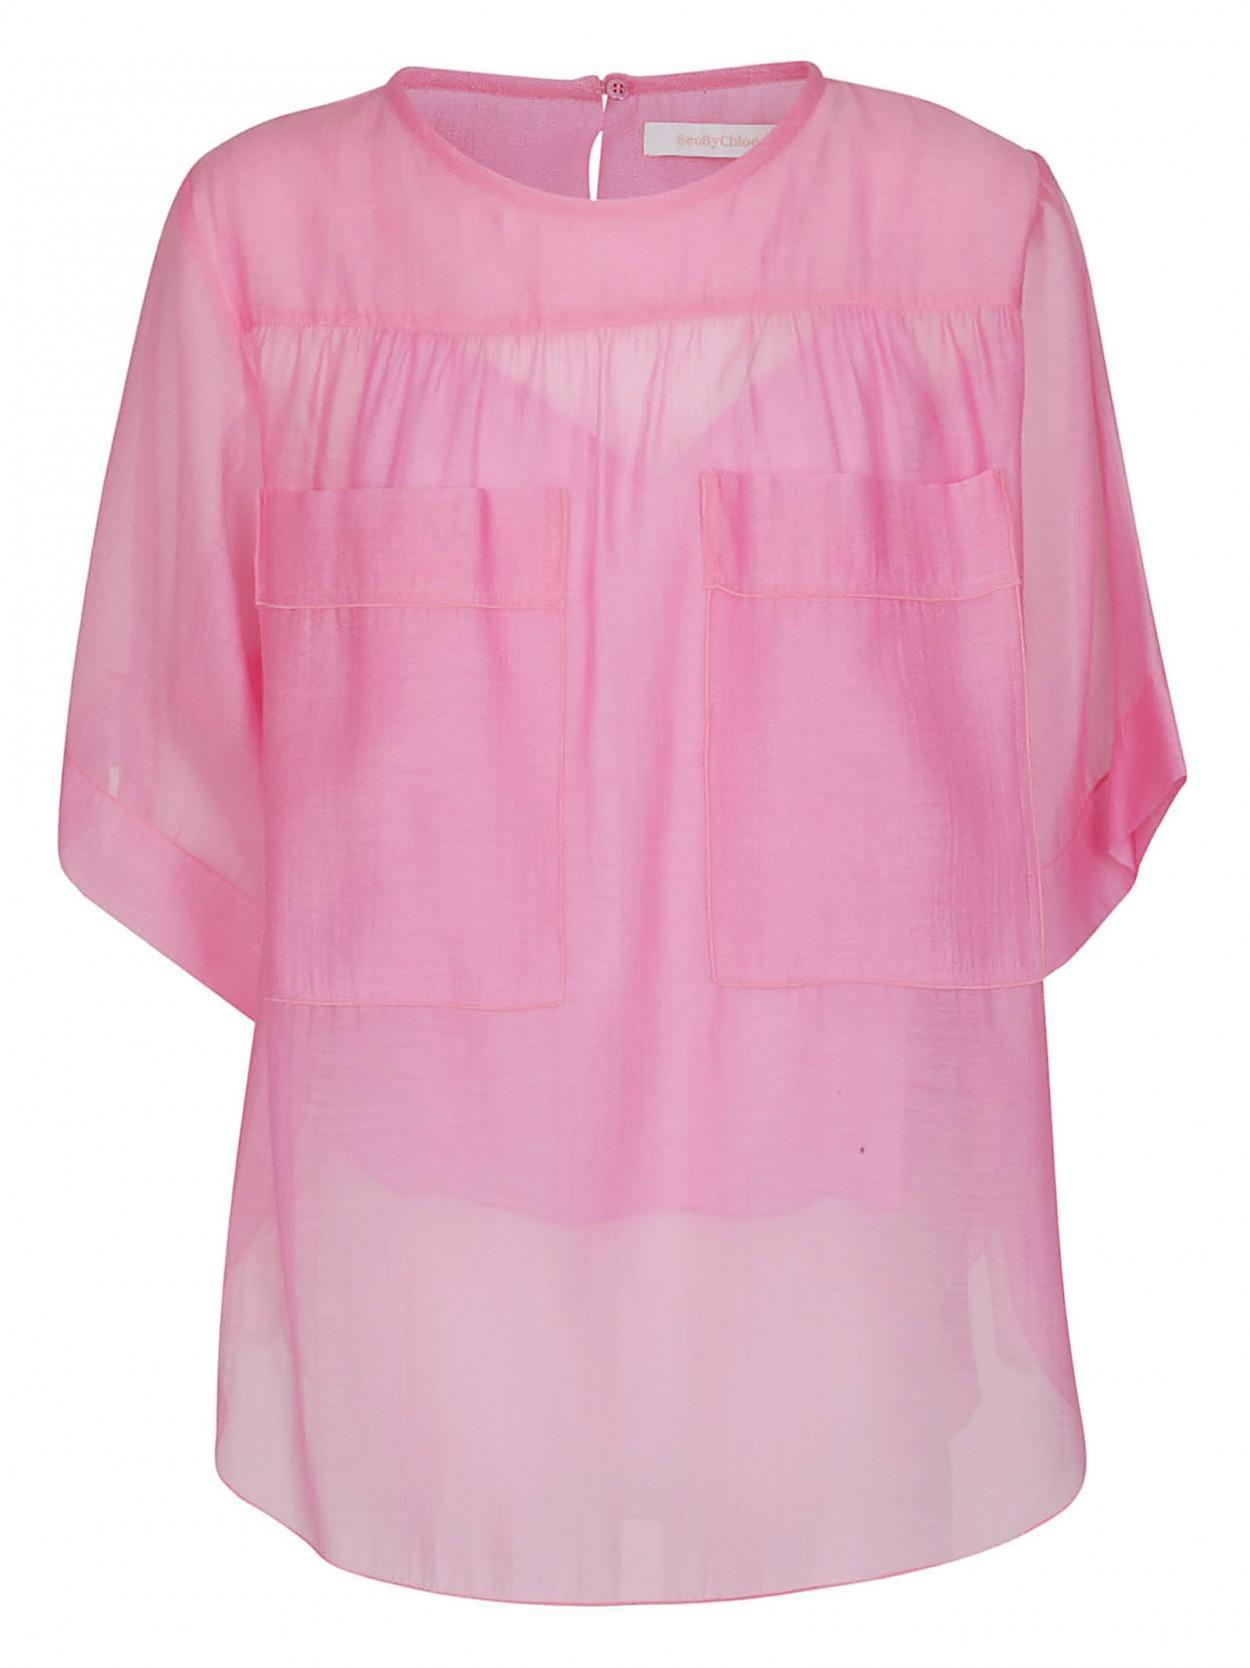 20e6d72a4c0da2 See By Chloé SEE BY CHLOE' t-shirt fucsia tasche in Pink - Lyst